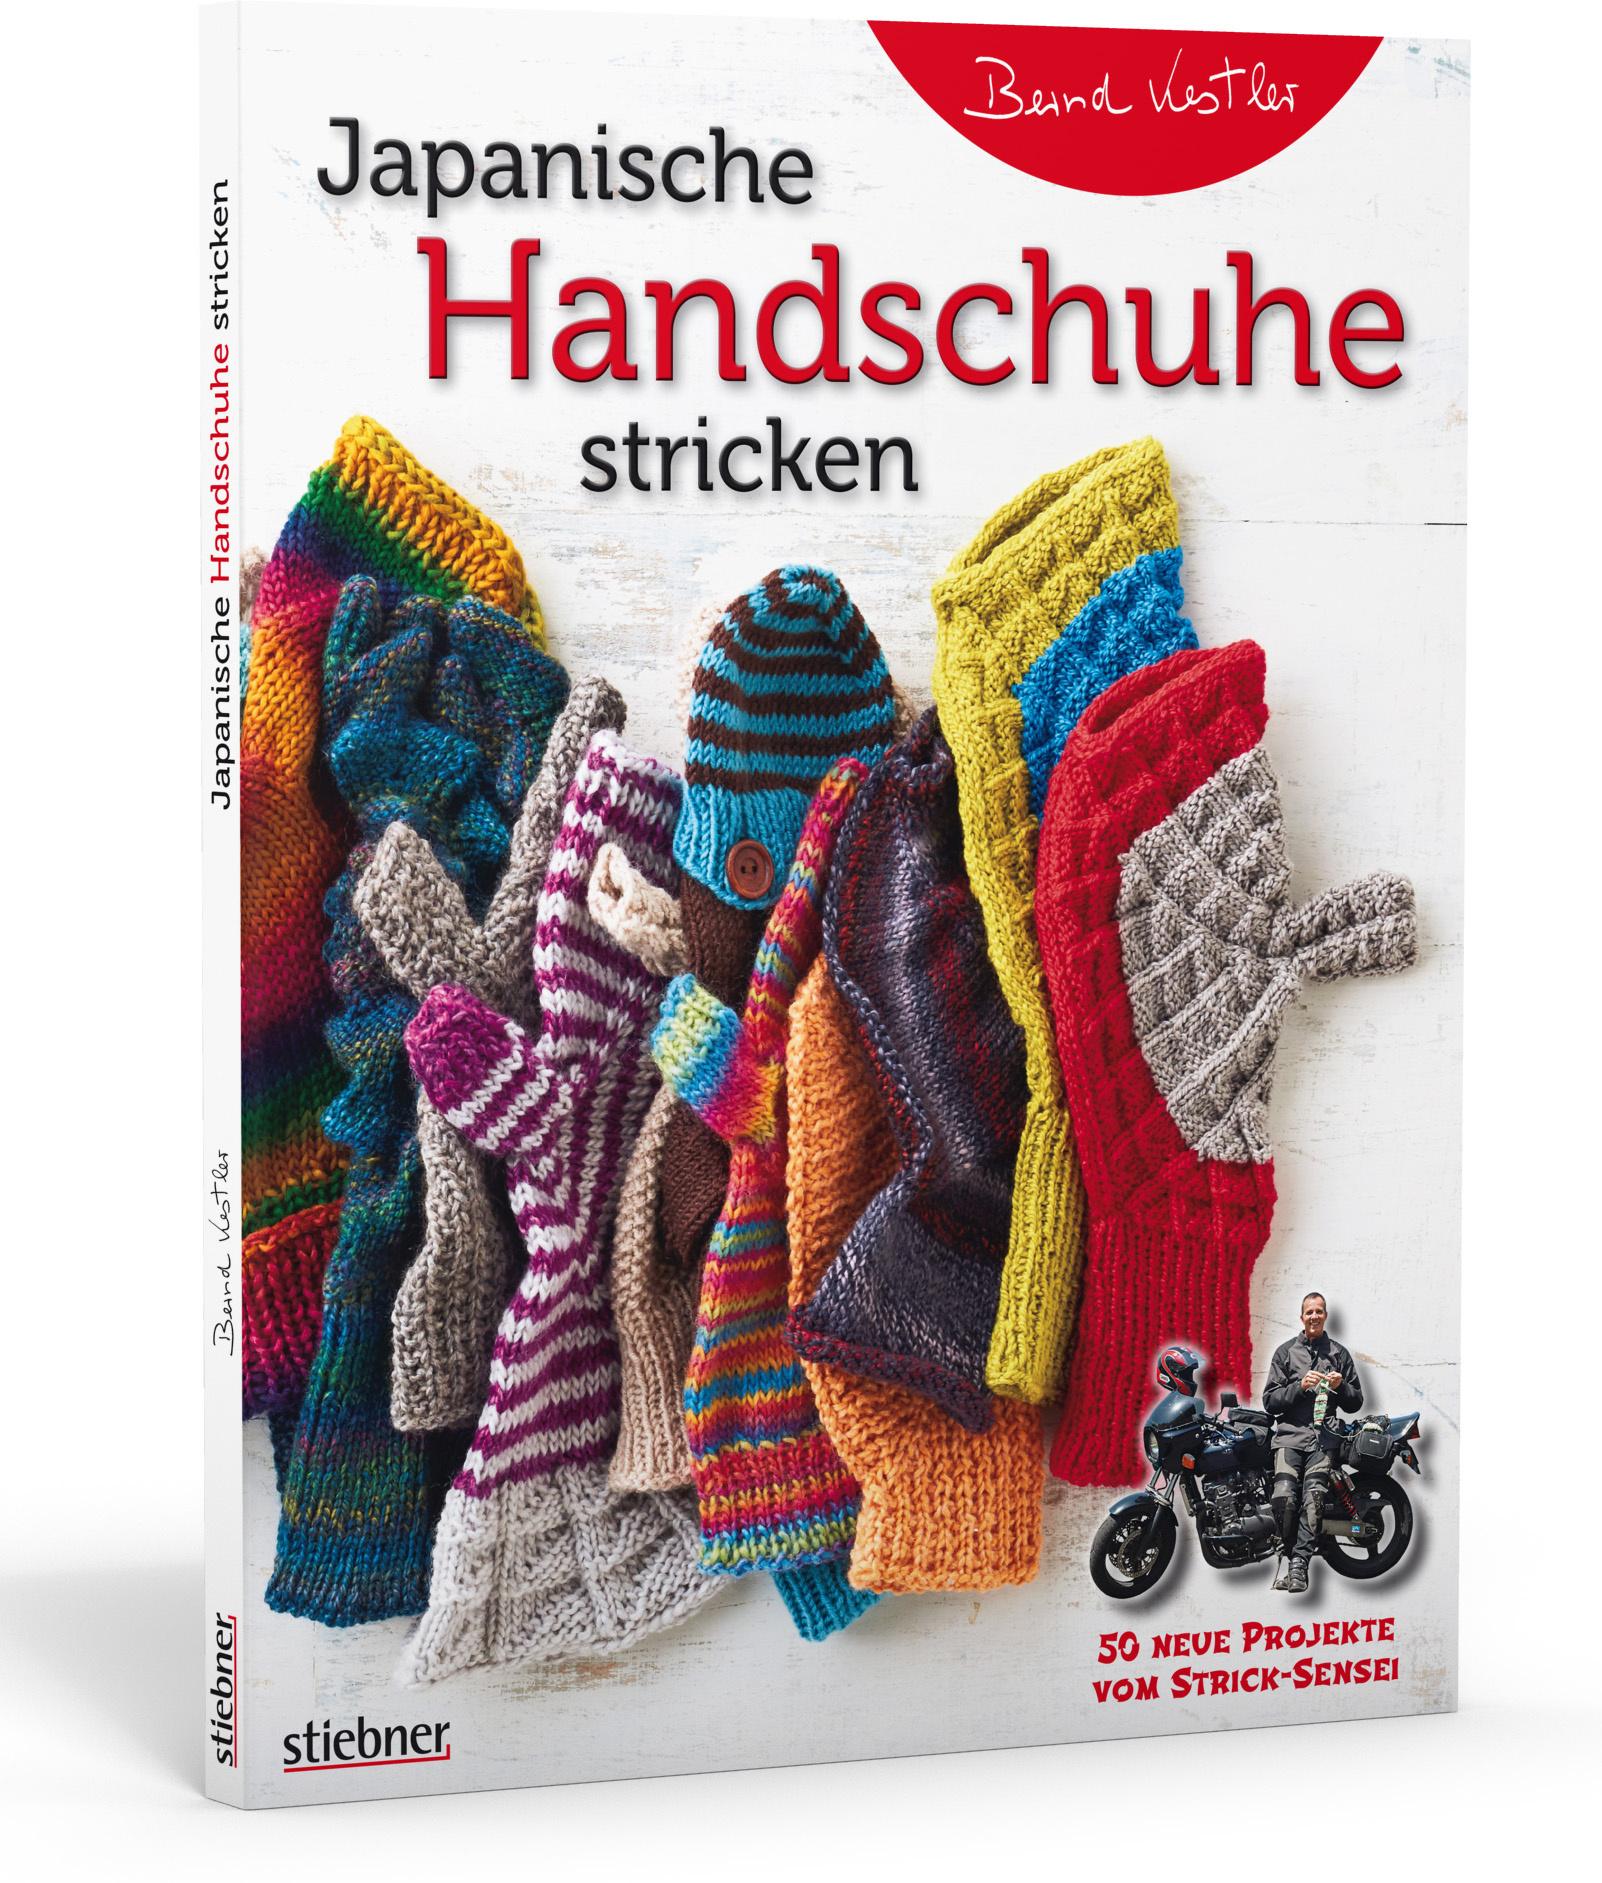 Japanische Handschuhe stricken von Bernd Kestler